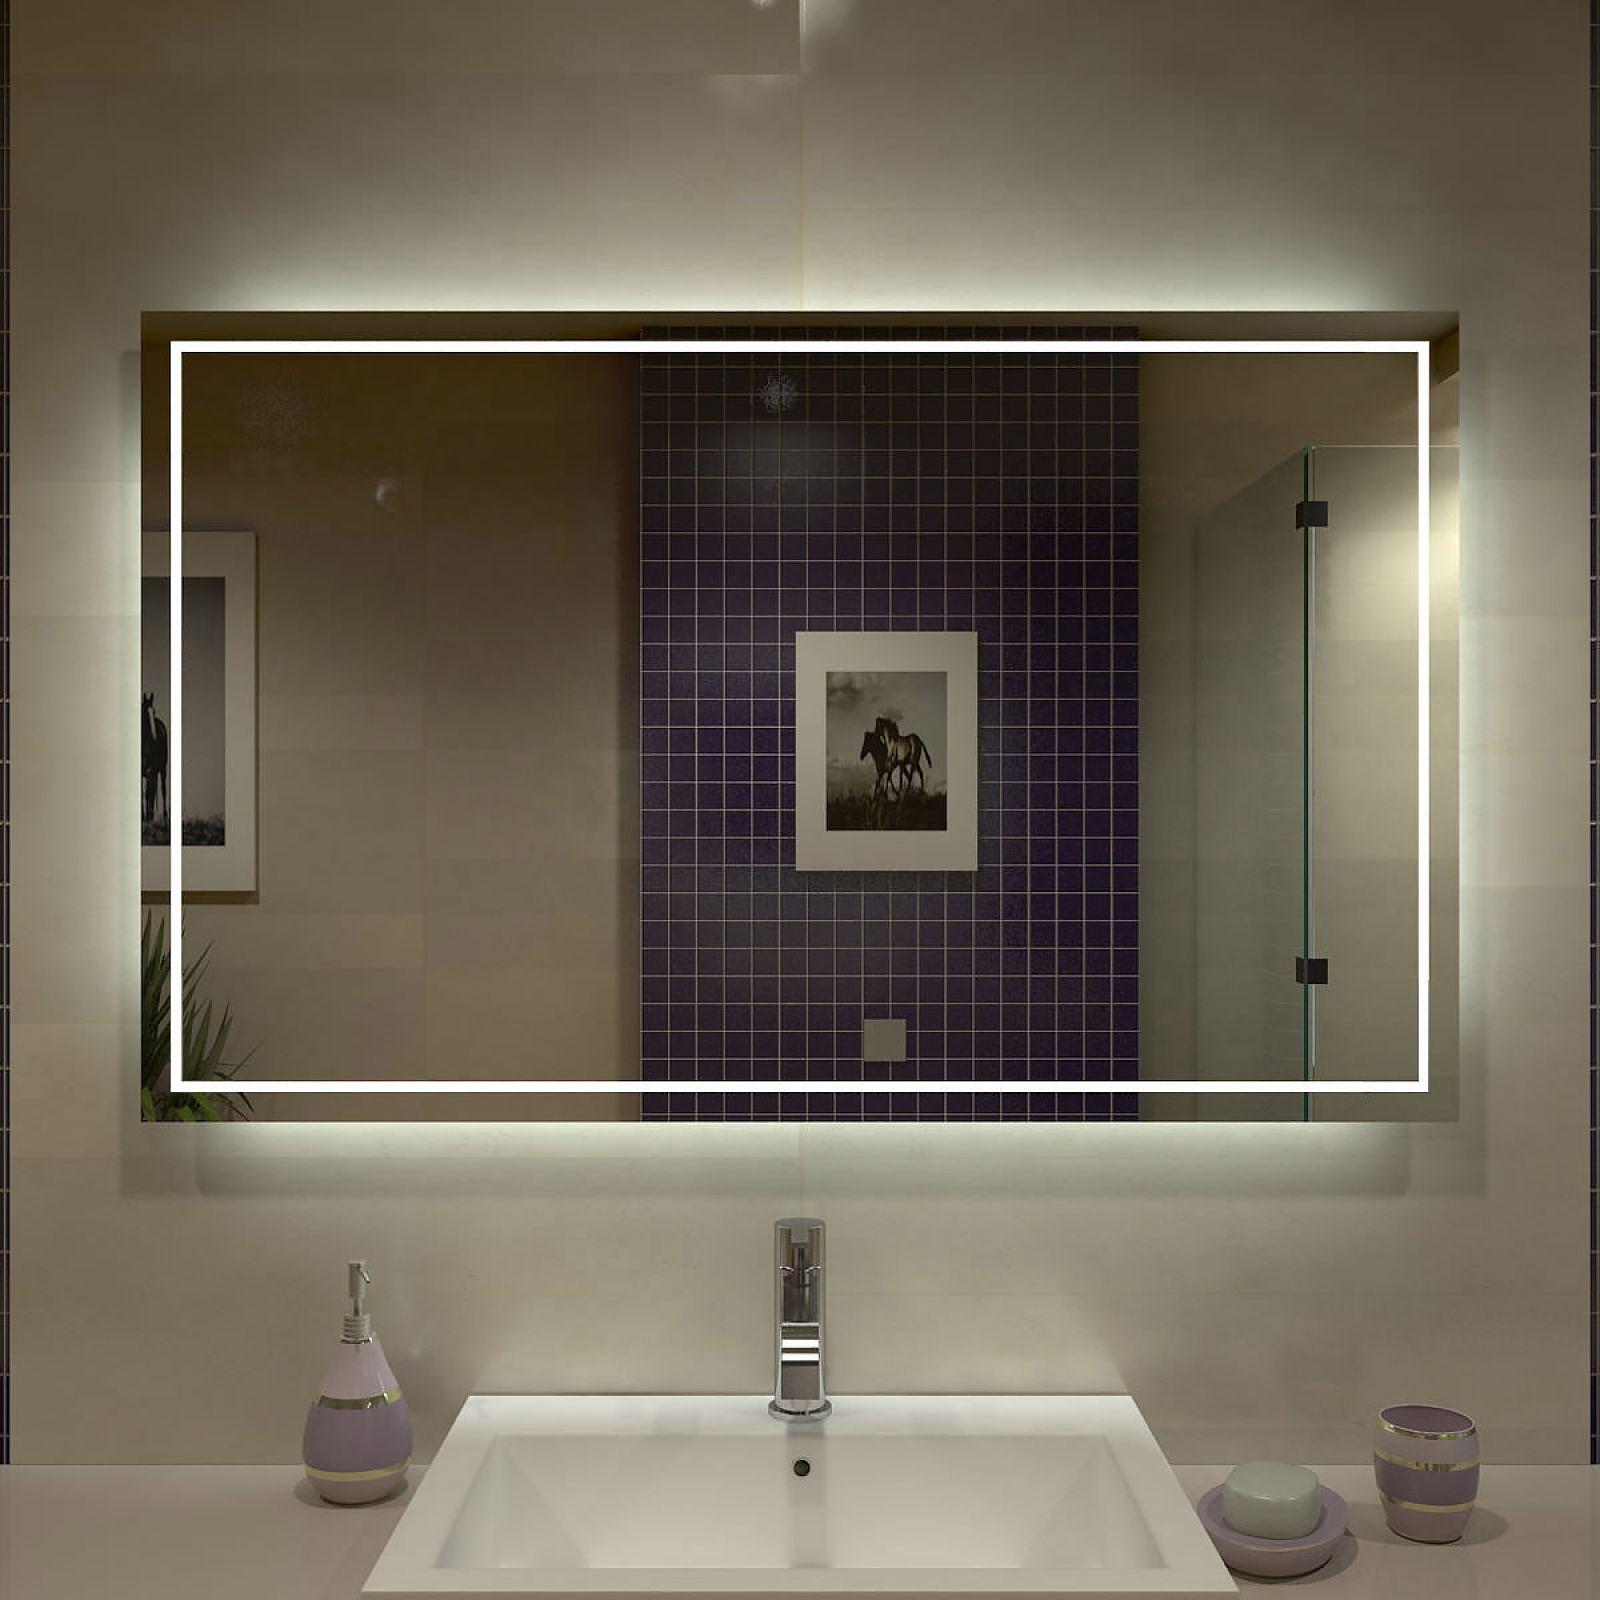 Ayna Ve Banyo Aynalari Fiyatlari Ayna Modelleri Com Banyo Banyo Aynalari Aynalar